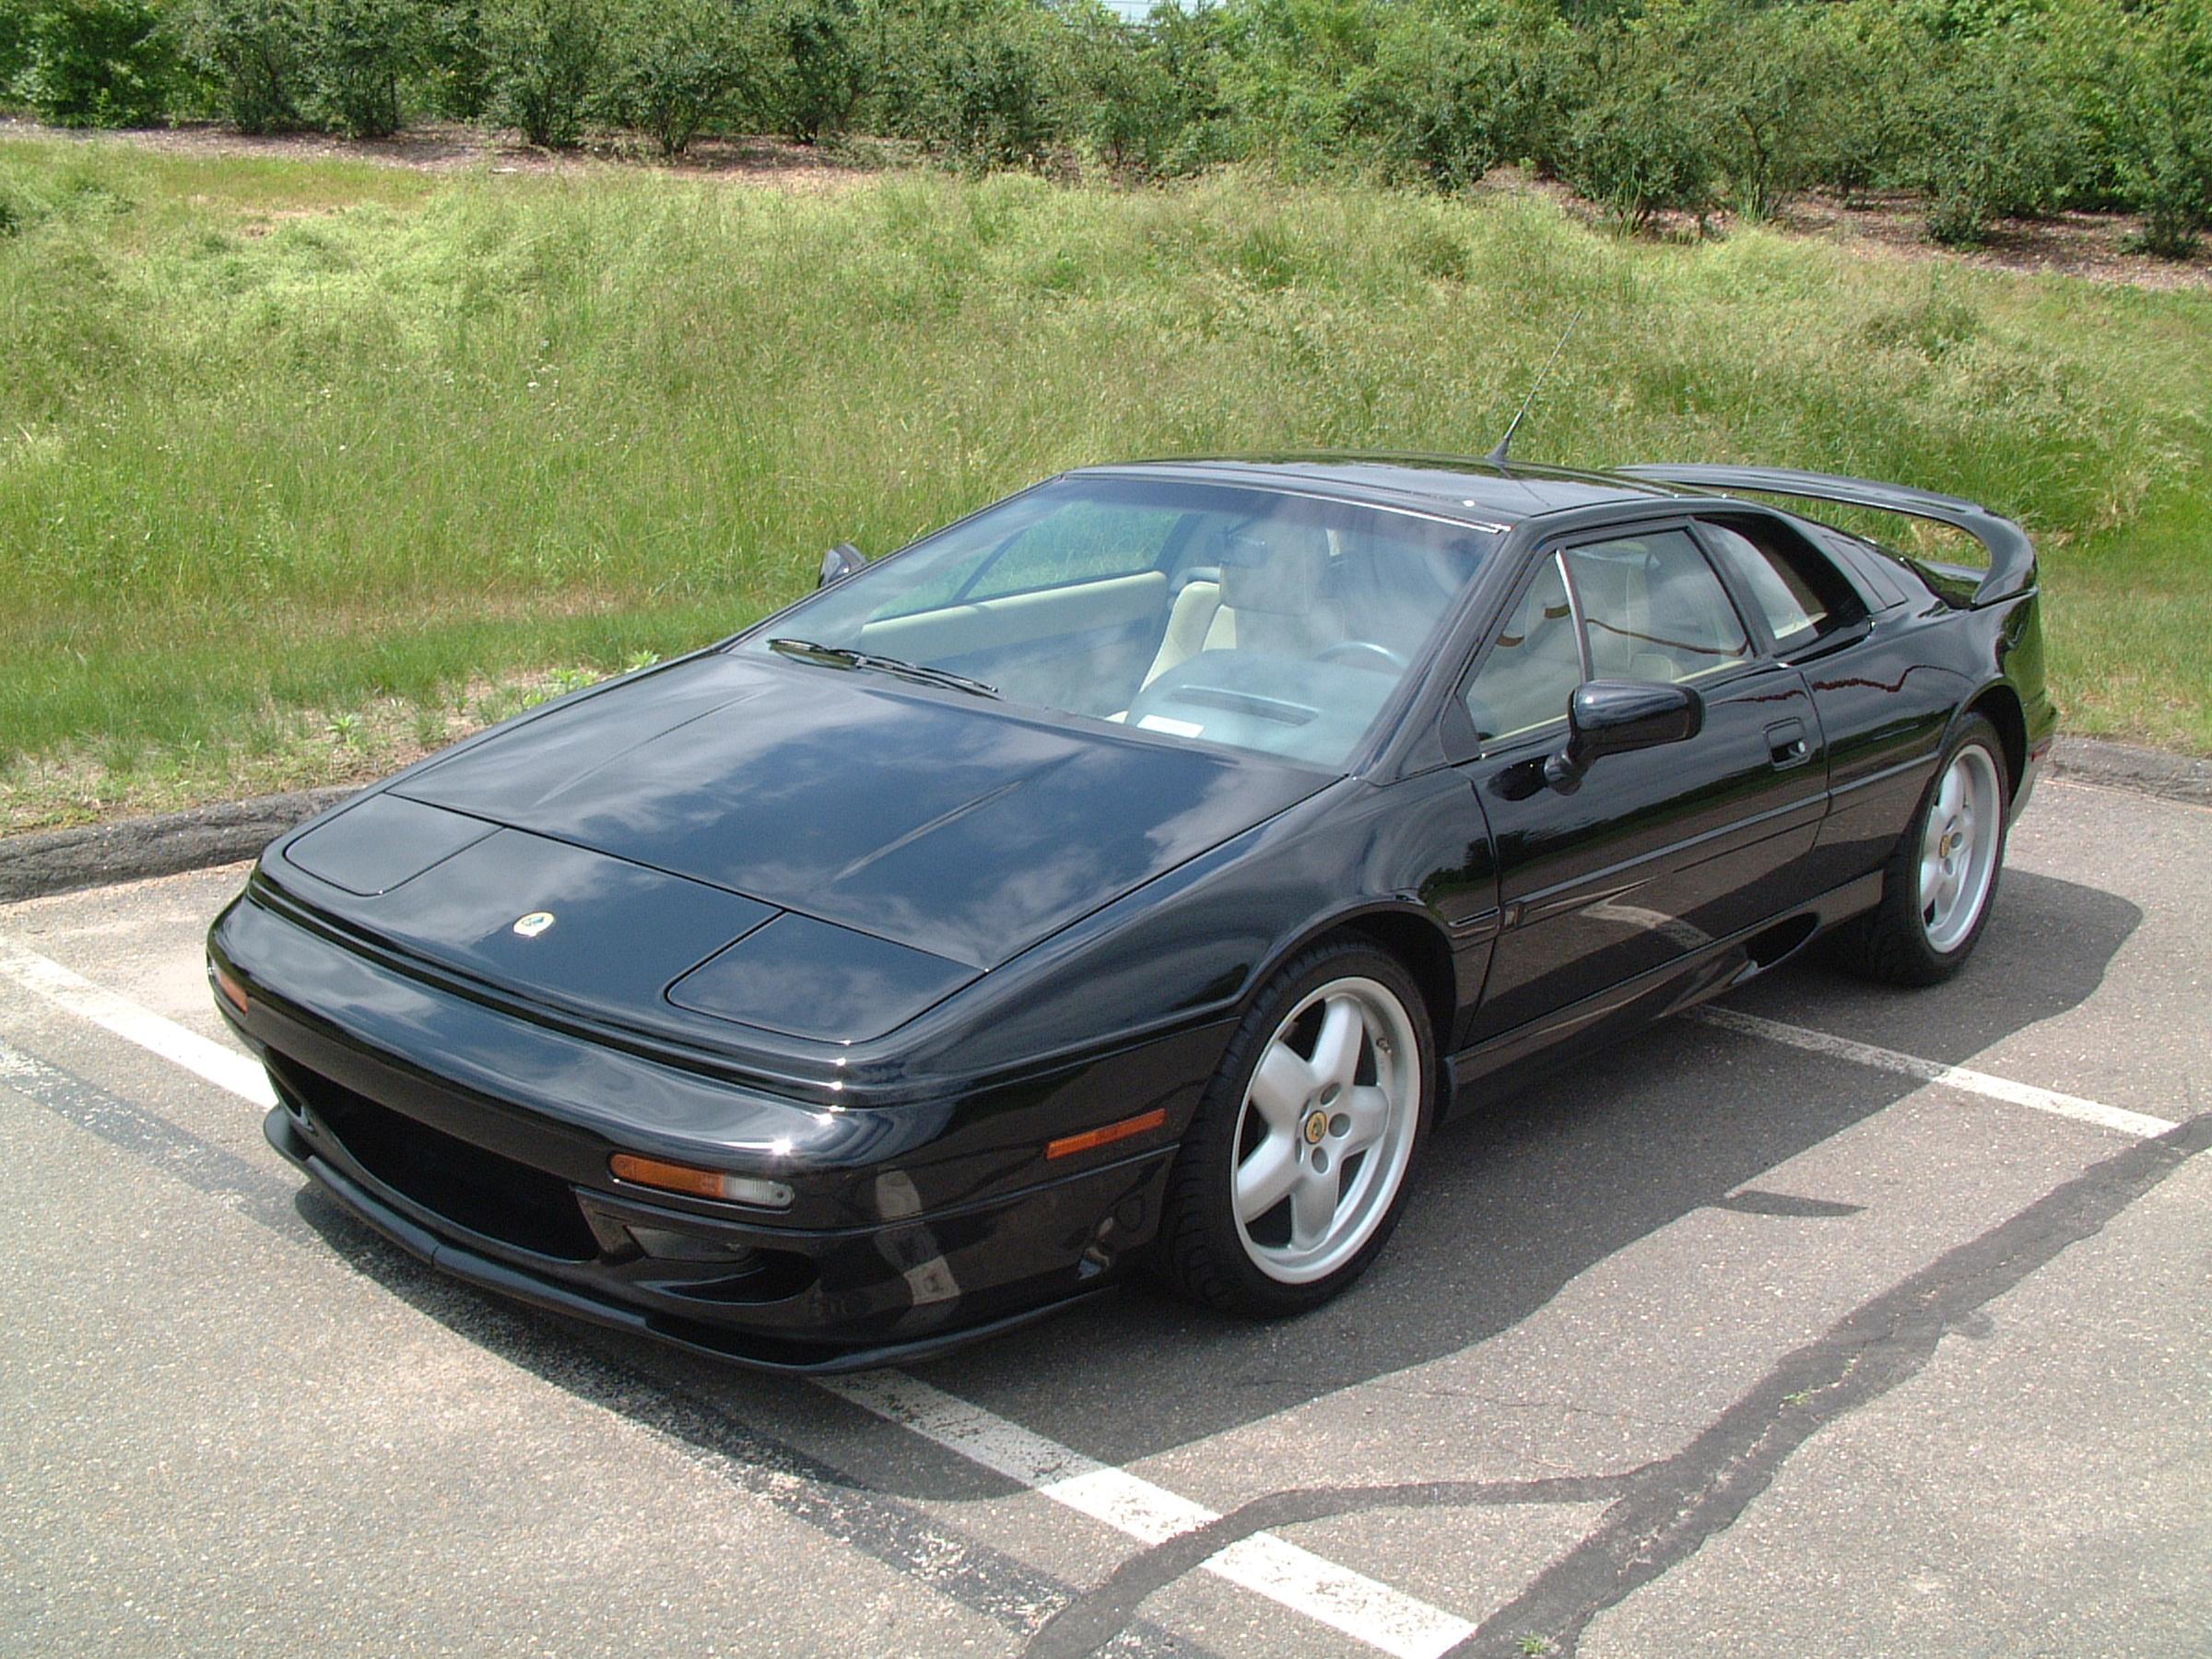 8cf4f233b272 Lotus Esprit - Wikipedia